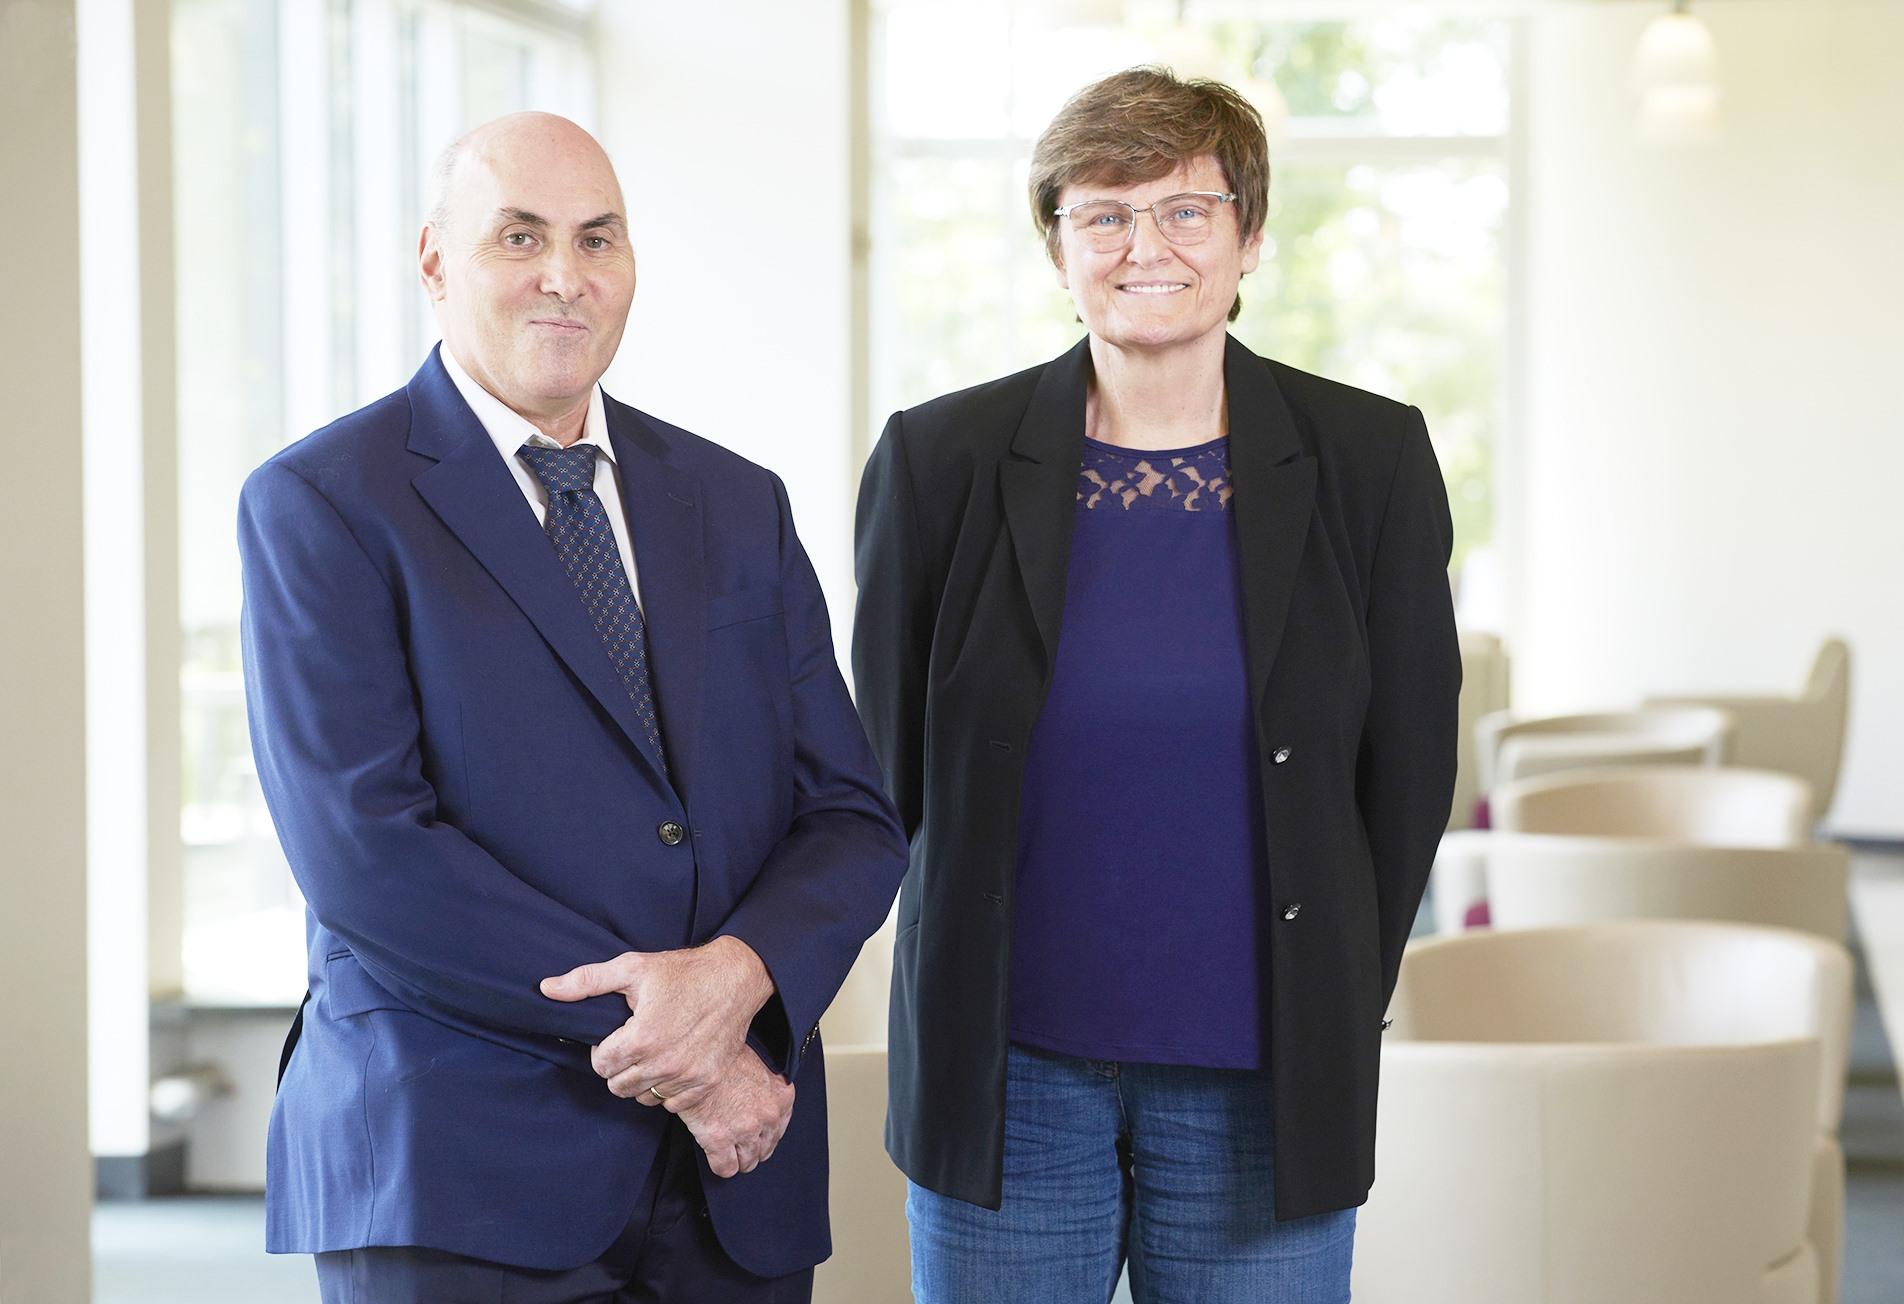 Hai nhà nghiên cứu Drew Weissman (trái) và Katalin Karikó, những chủ nhân của nhiều giải thưởng lớn liên quan đến đột phá trong khoa học đời sống, bao gồm vắc xin Covid-19 mRNA. Ảnh: Penn Medicine